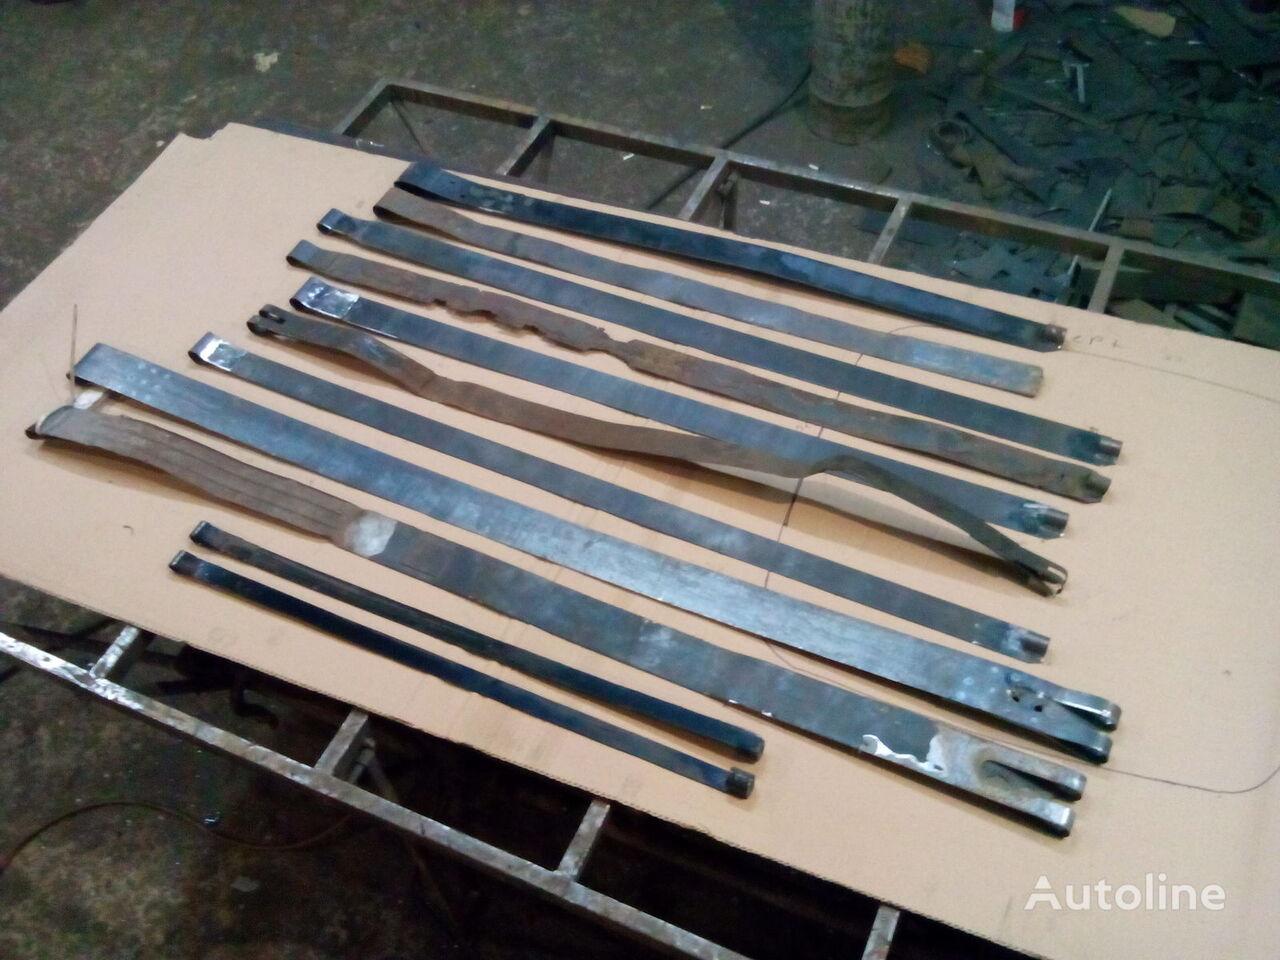 крепежные элементы VOLVO Ленты крепления топливного бака для грузовика VOLVO Renault Dxi